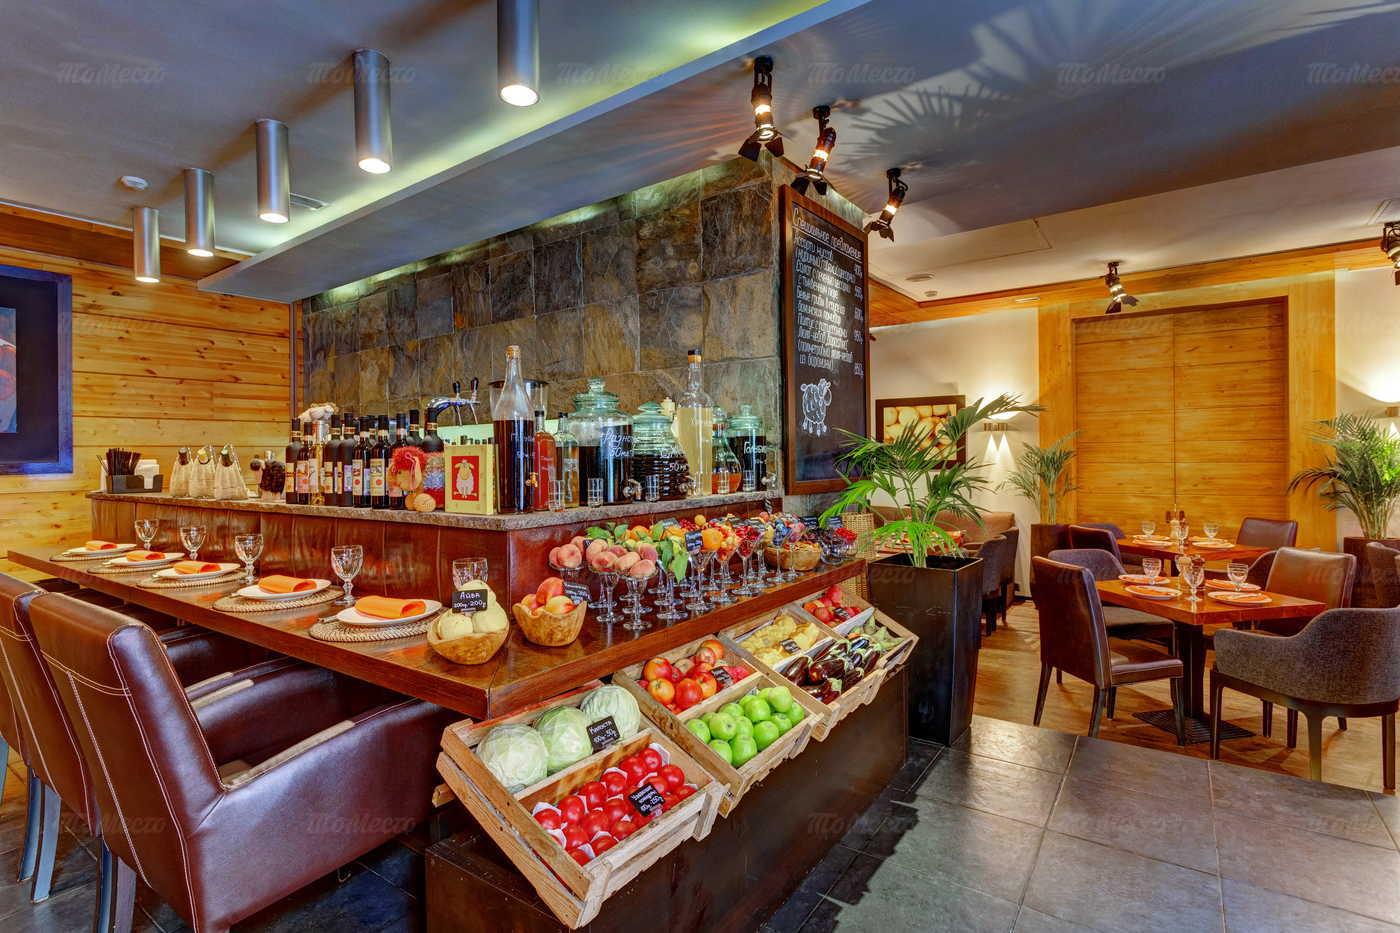 Ресторан Барашка (Бараshка) на Петровке фото 7